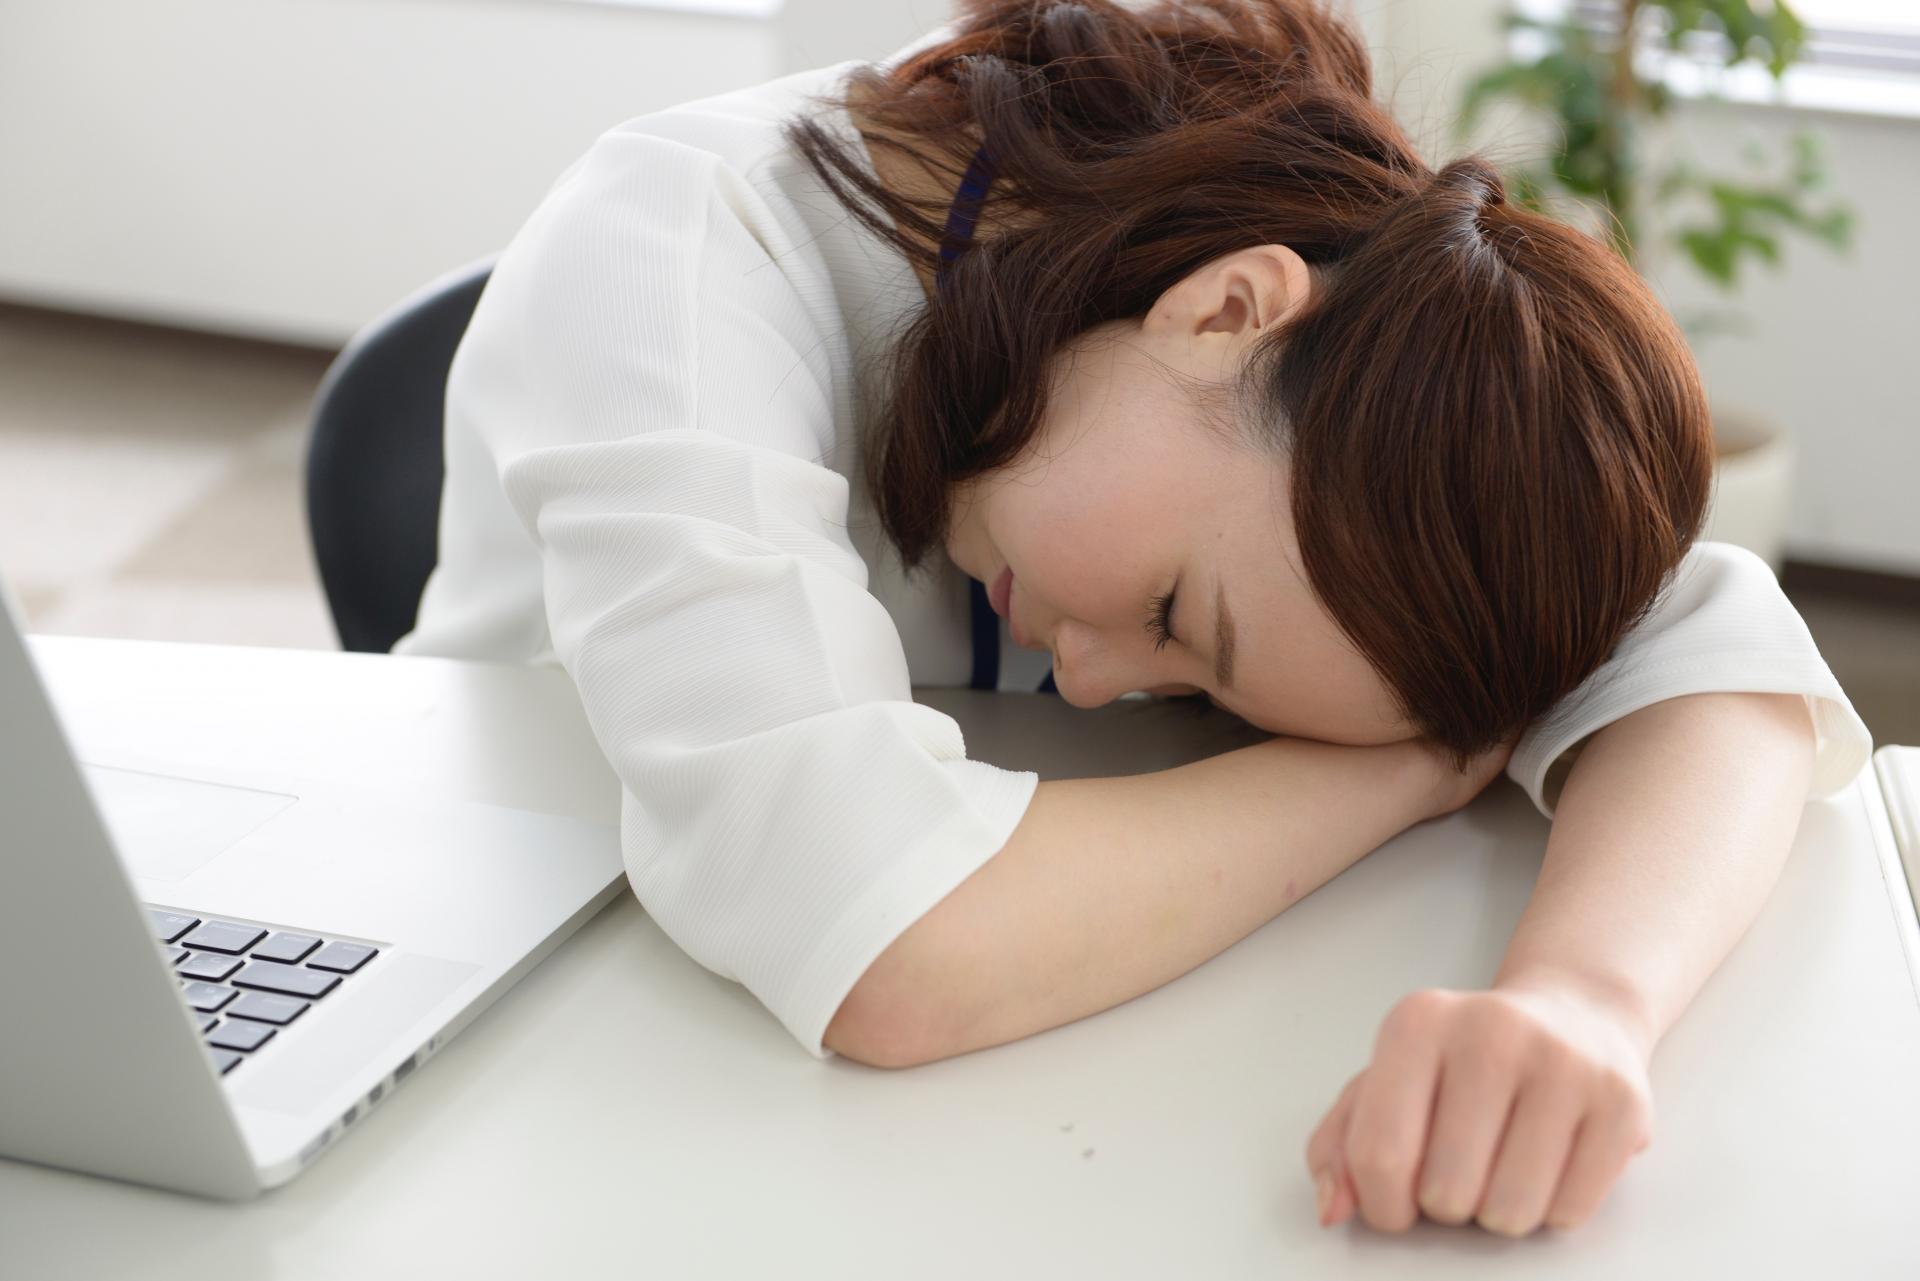 疲労感を感じる女性